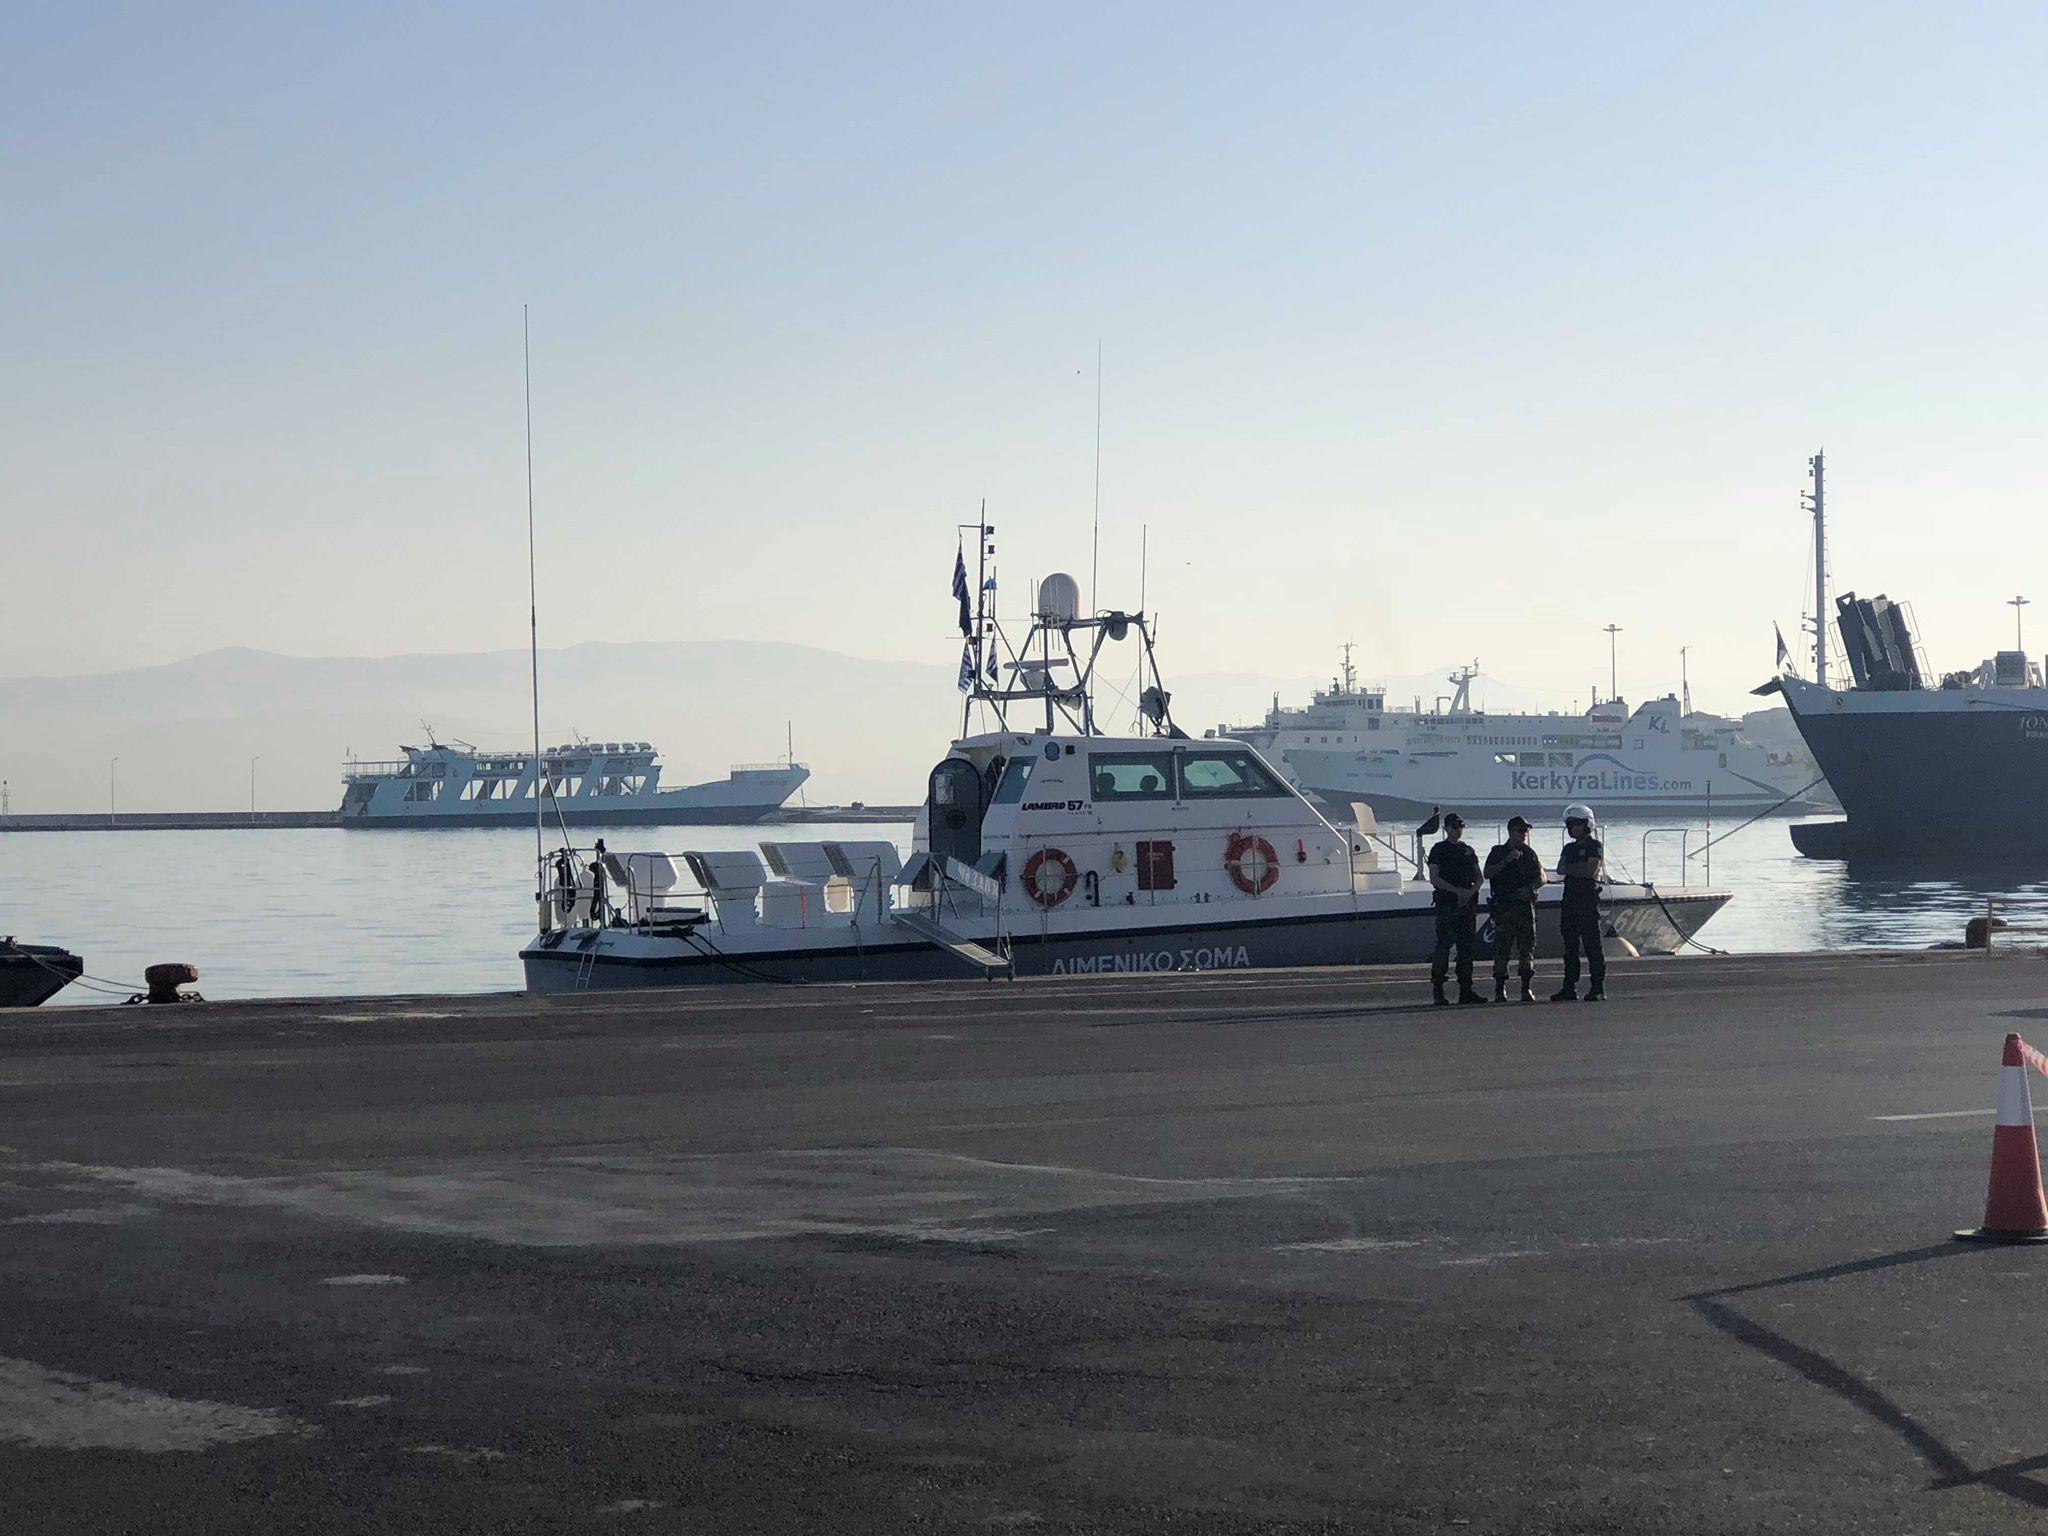 Με περιπολικό σκάφος διακομιδή 54χρονου ασθενούς από τα Γουβιά στην Ηγουμενίτσα.